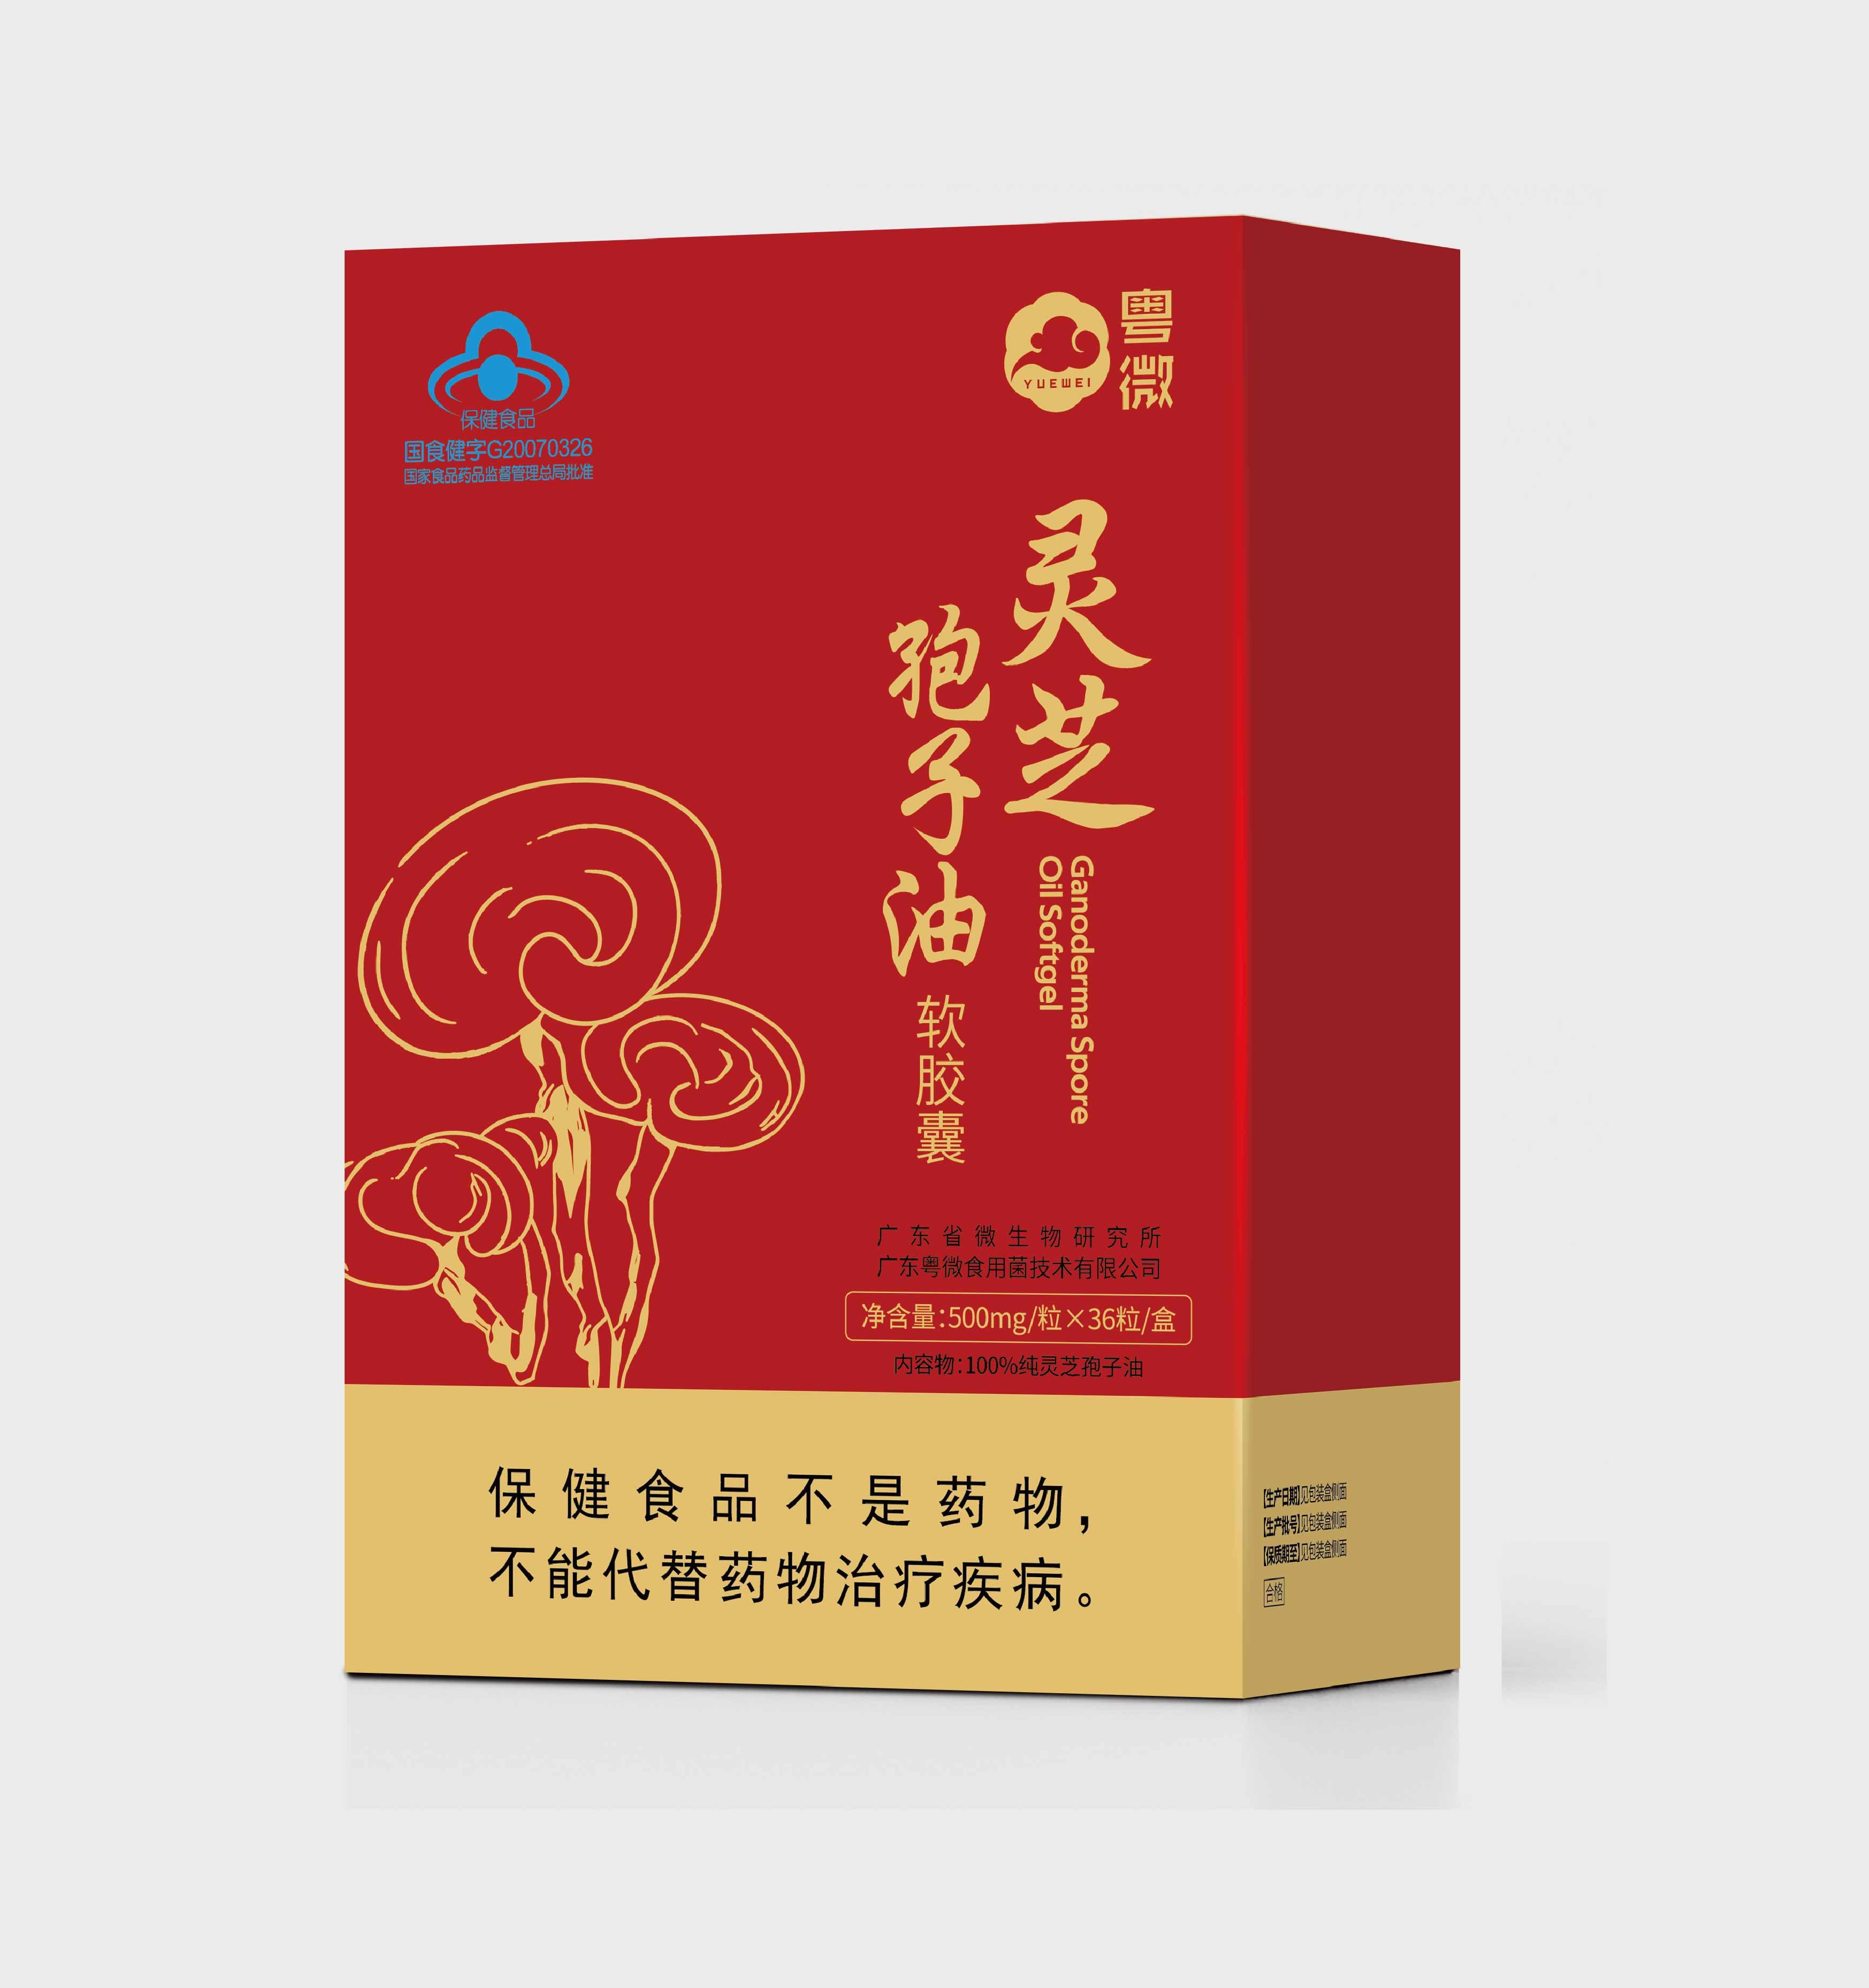 伟德BETVICTOR下载伟德国际娱乐官方网站孢子油软胶囊(36粒装)